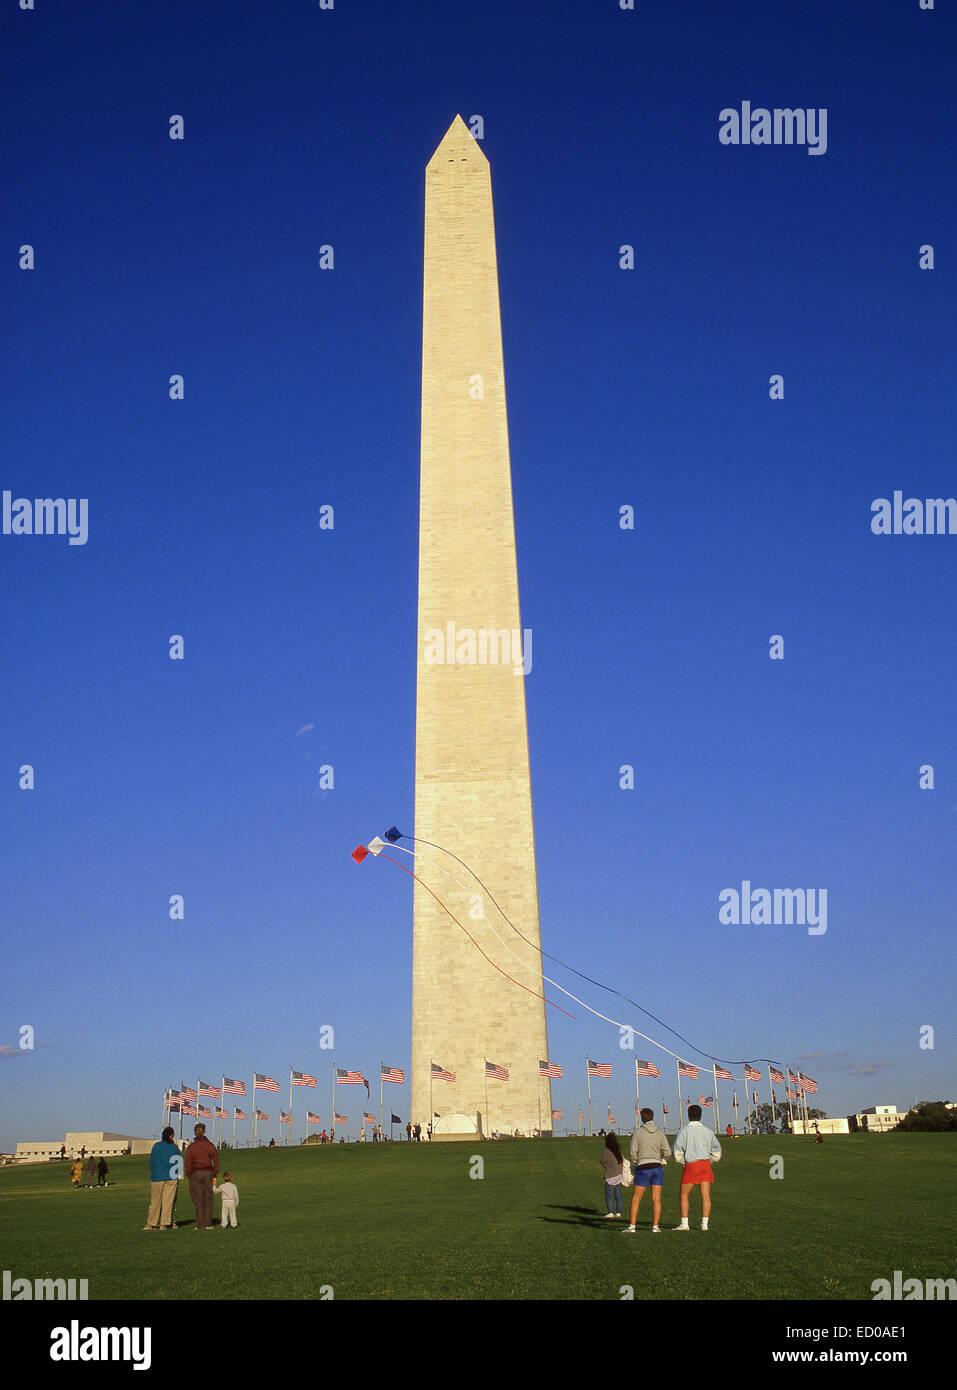 Washington Monument, National Mall, Washington DC, United States of America - Stock Image